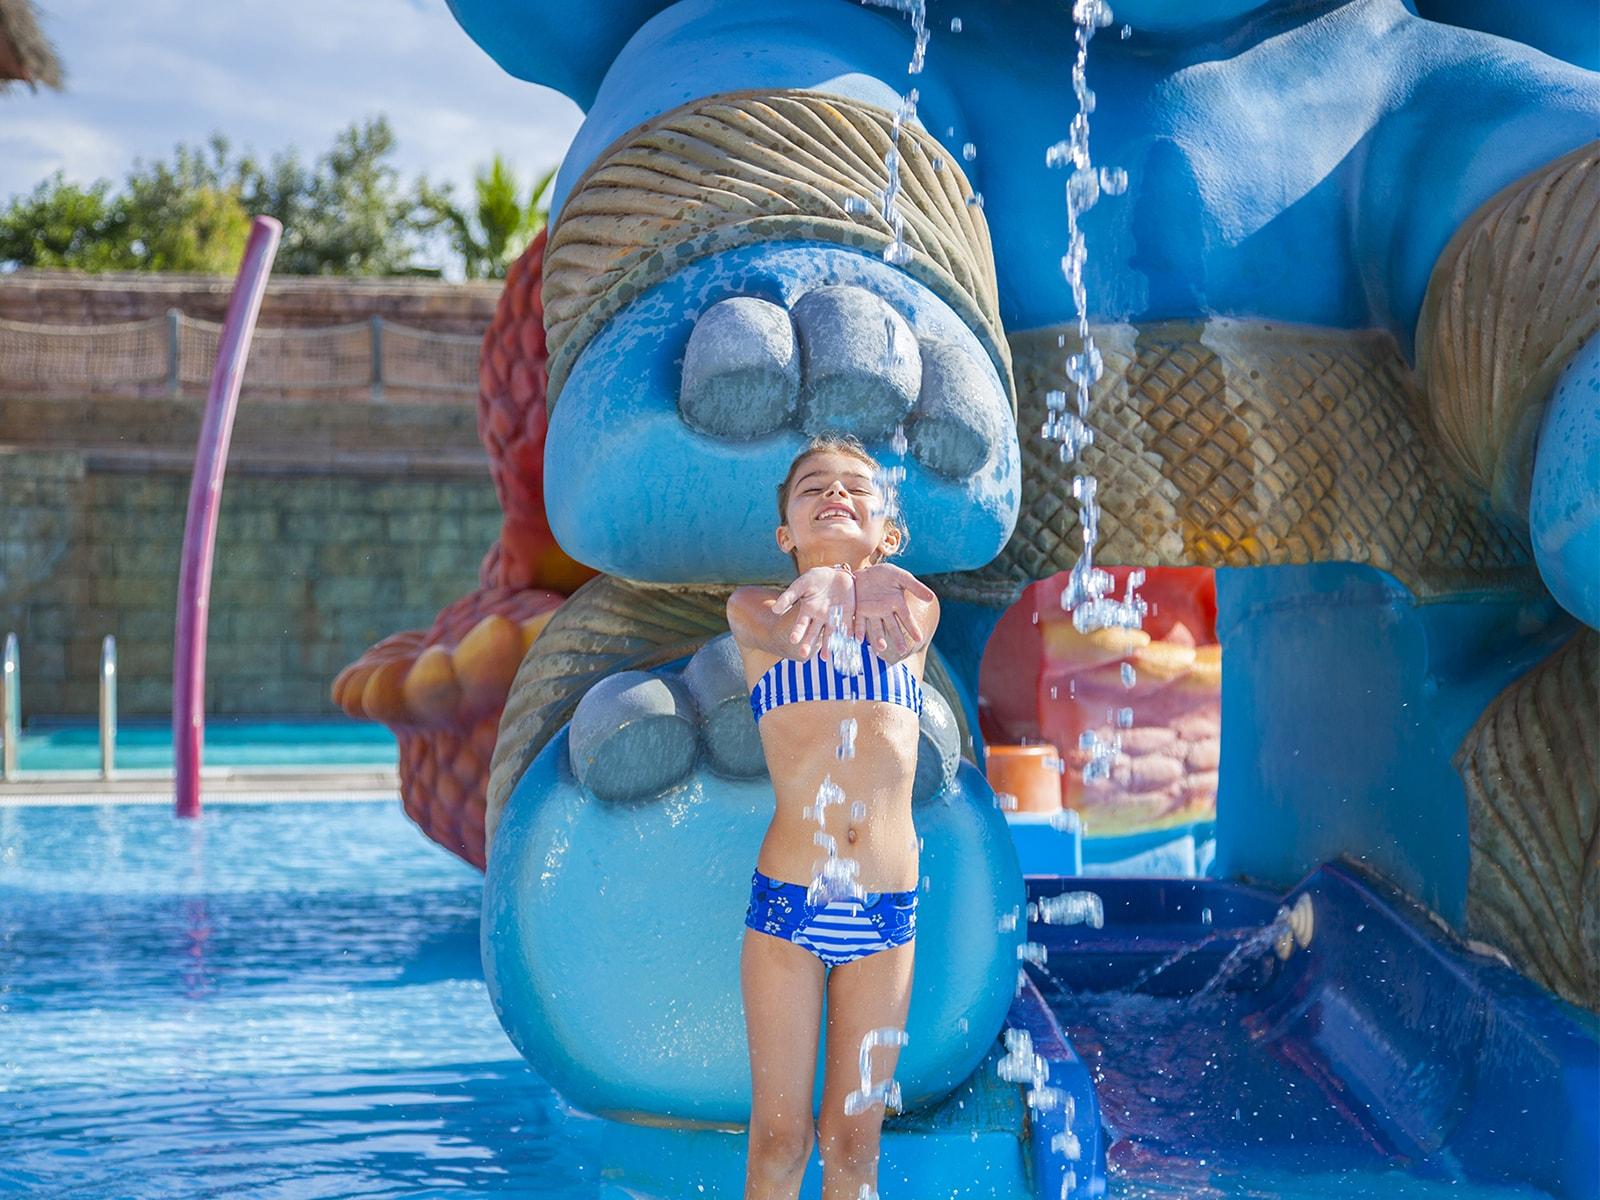 petite fille sous cascade d'eau piscine temple indonésien